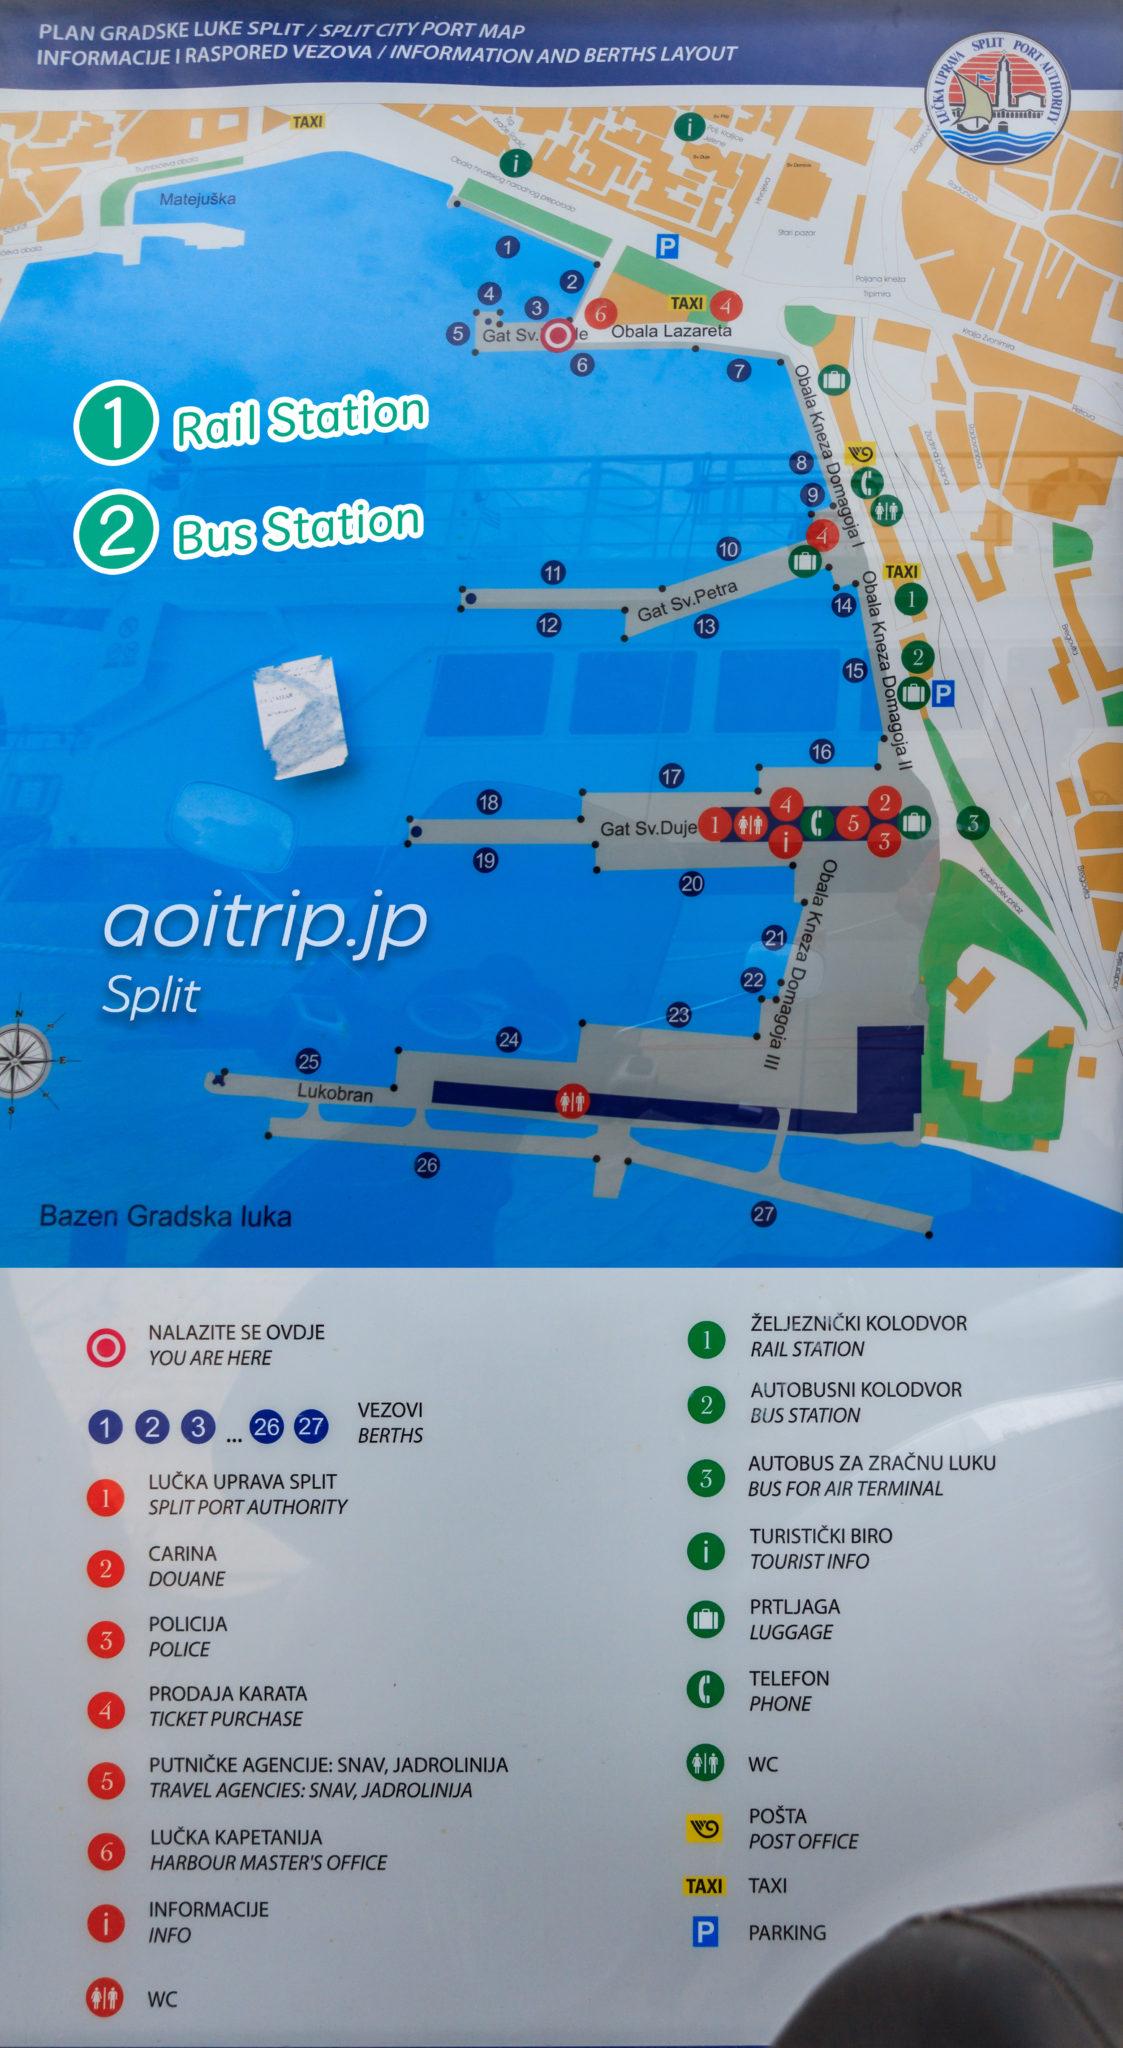 スプリット中心部のマップ